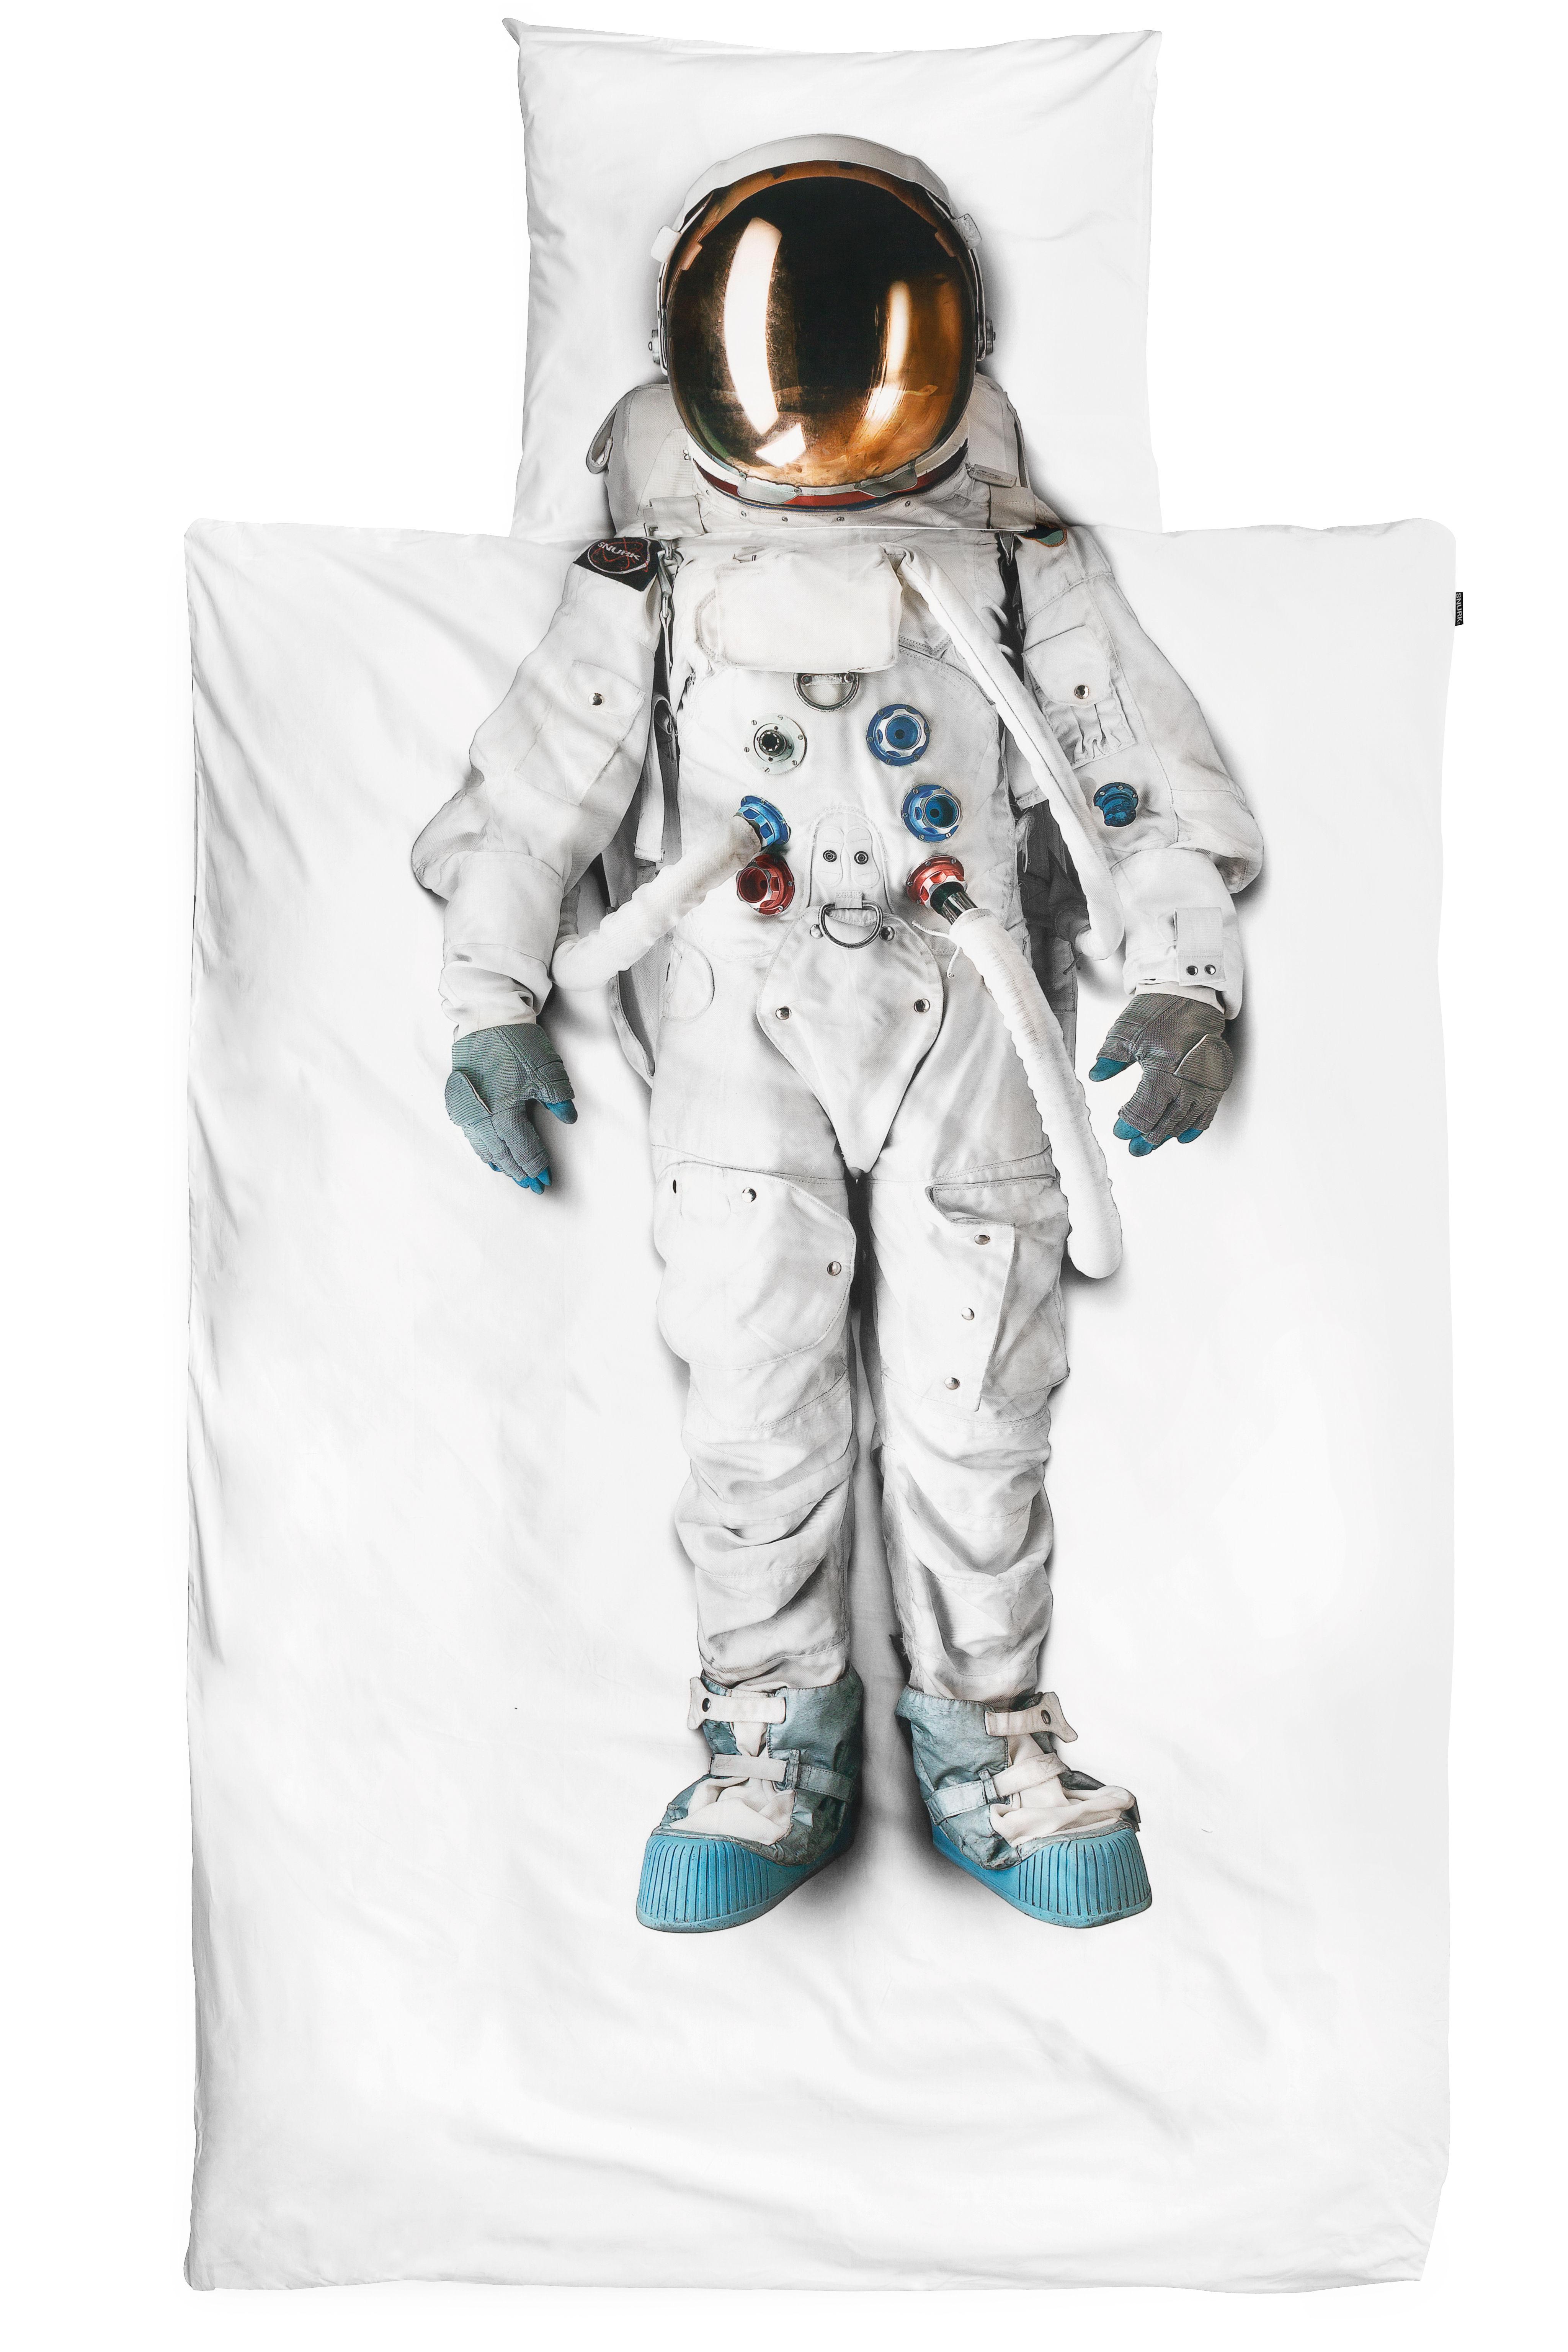 Interni - Per bambini - Biancheria da letto 1 persona Astronaute - / 1 persona - 140 x 200 cm di Snurk - Bianco / Astronauta - Percalle di cotone